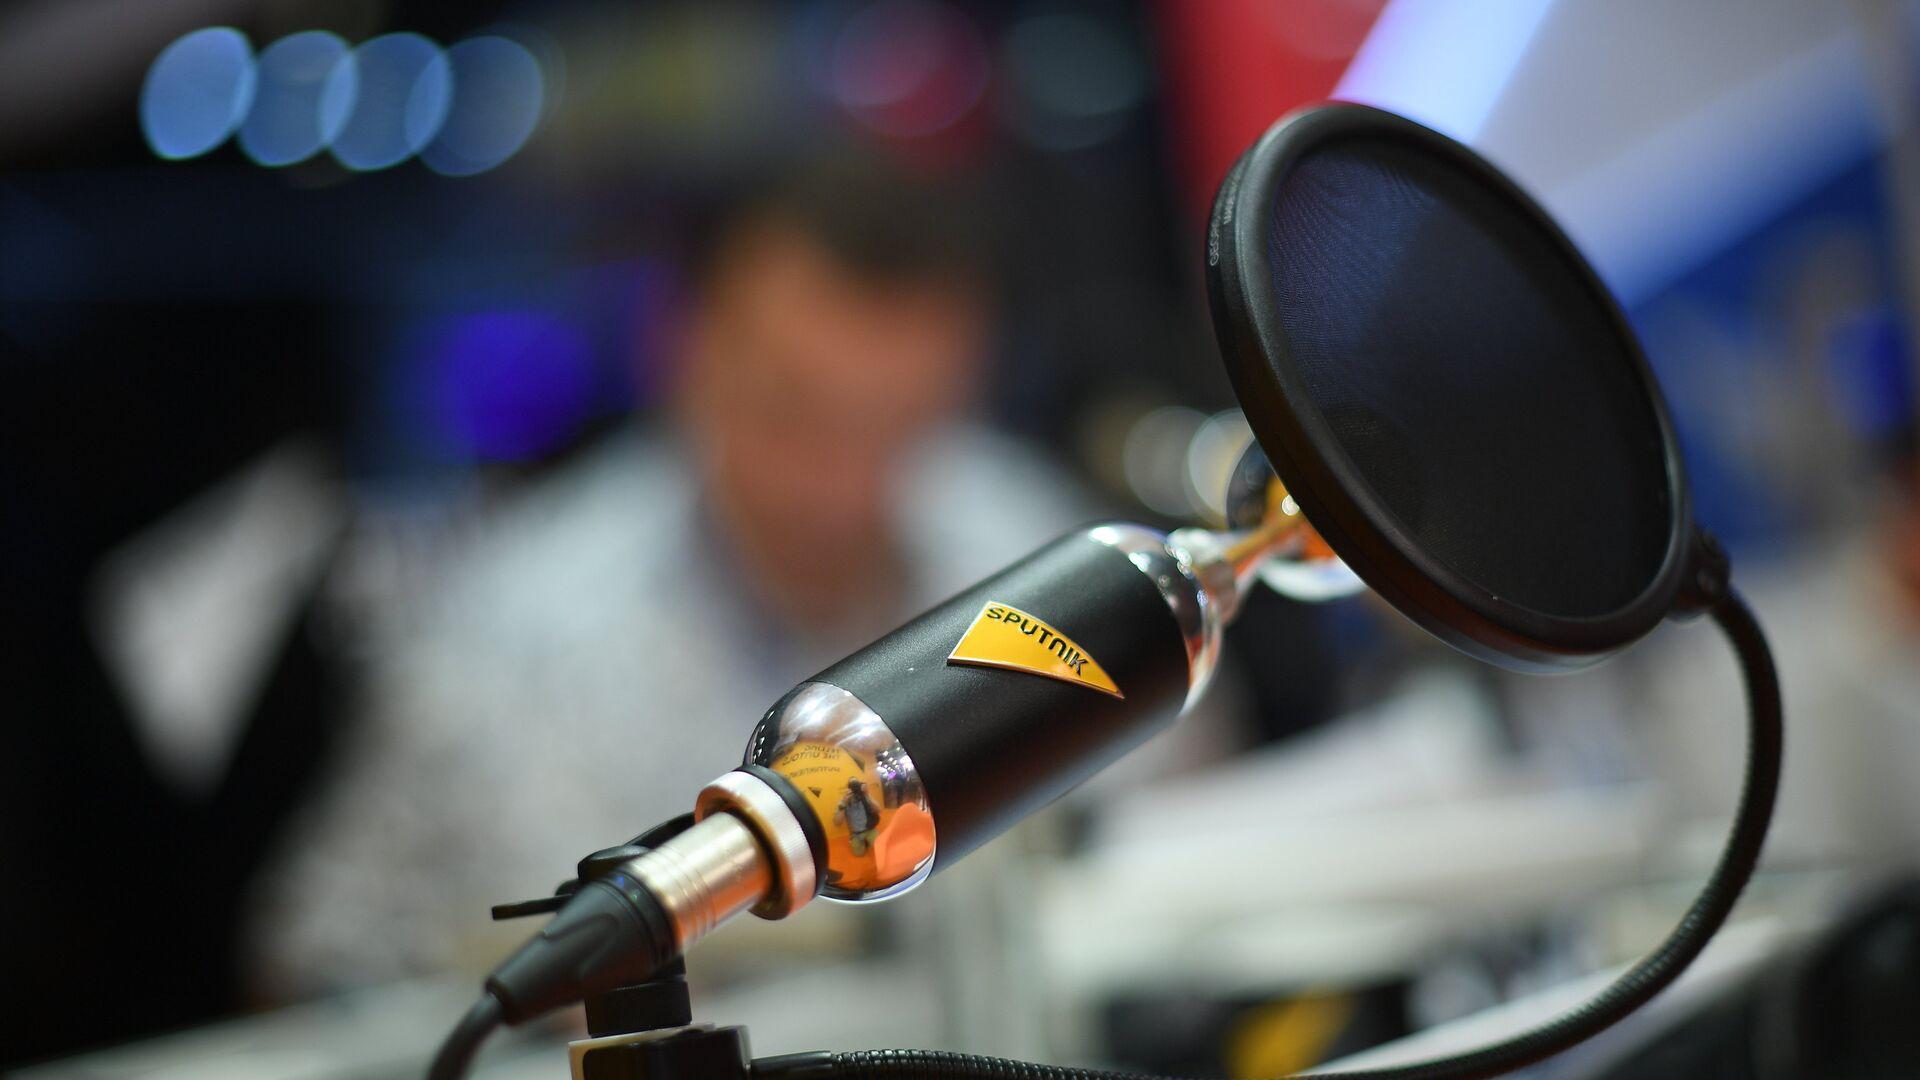 Микрофон в студии радио Sputnik - РИА Новости, 1920, 30.11.2020